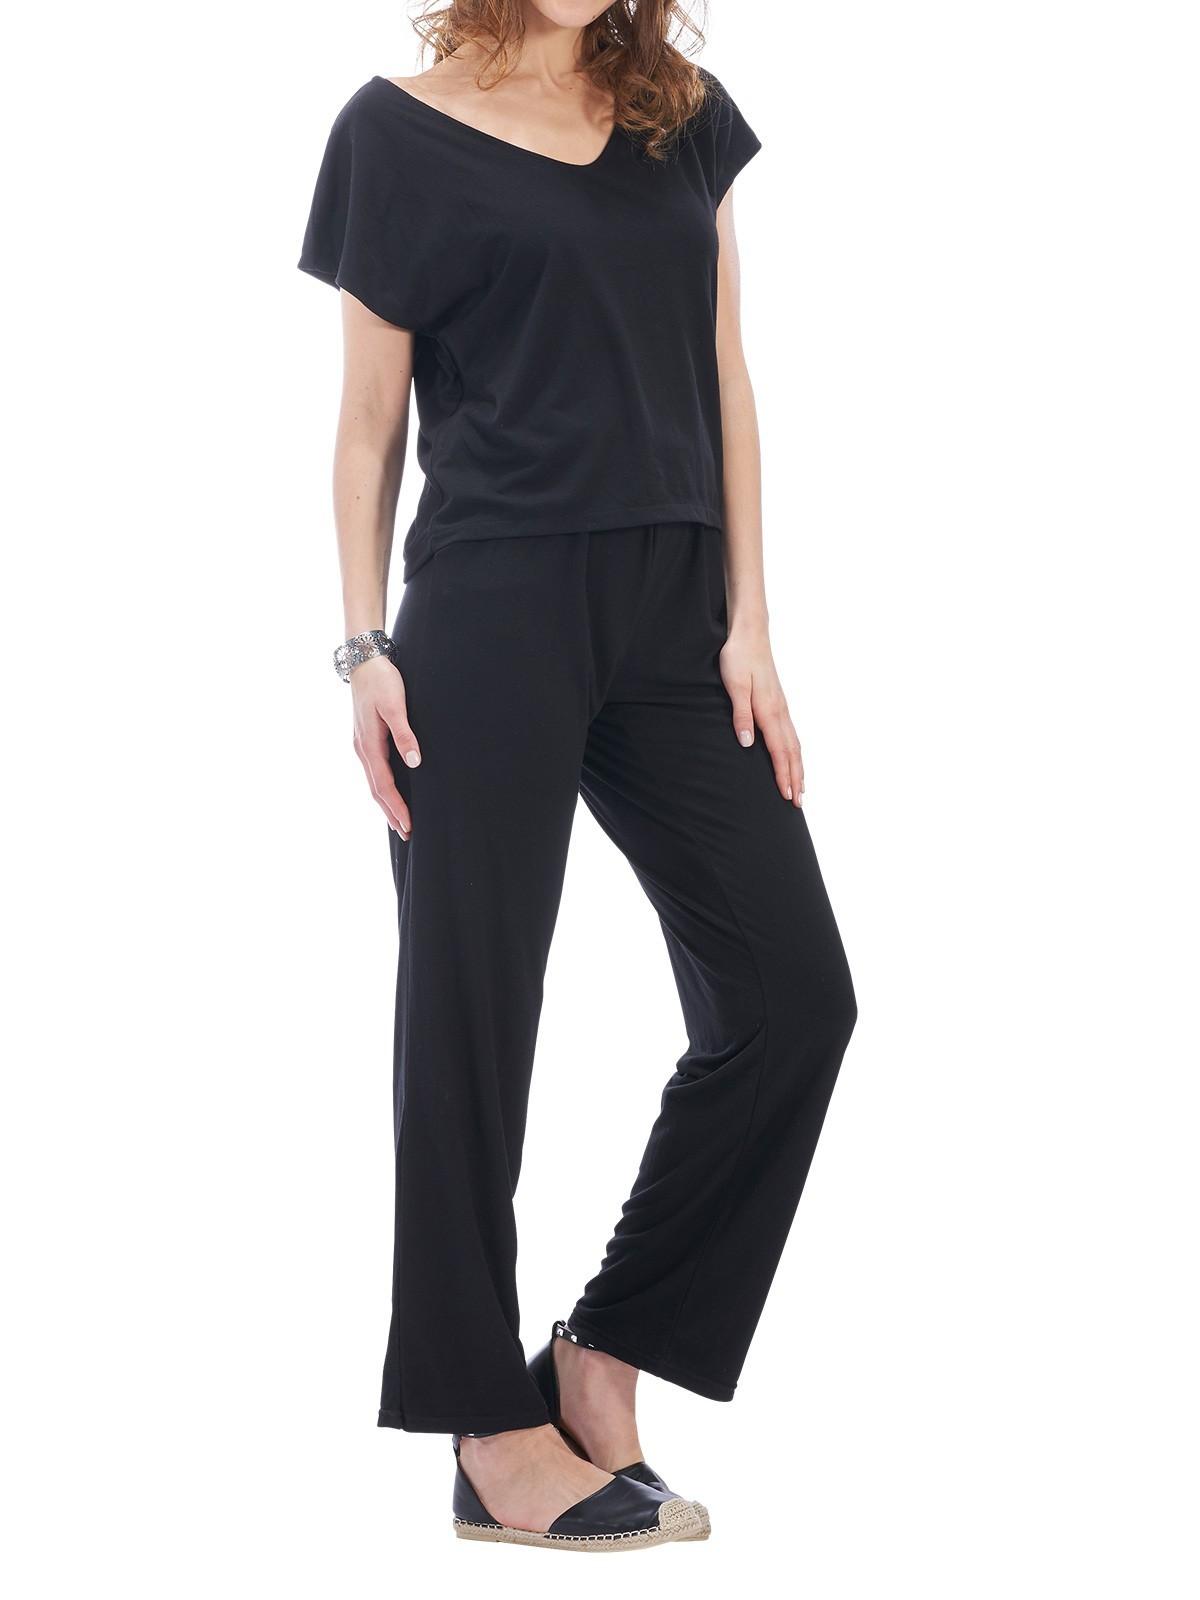 Pantalon Coloris Noir Combinaison Femme Districenter LUVSzpMqG